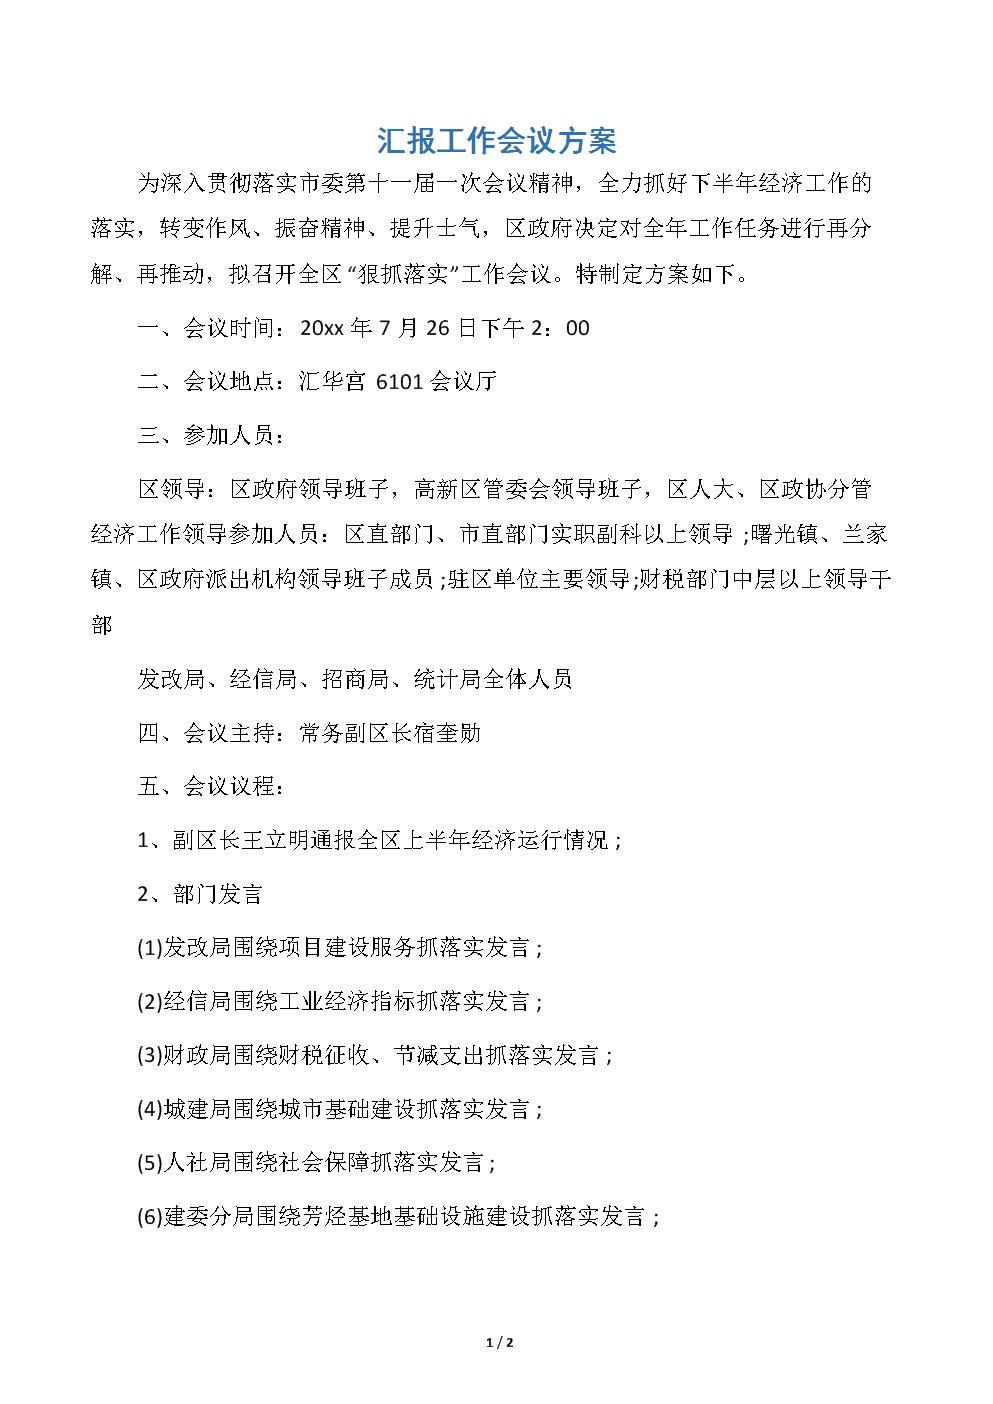 汇报工作会议方案.docx